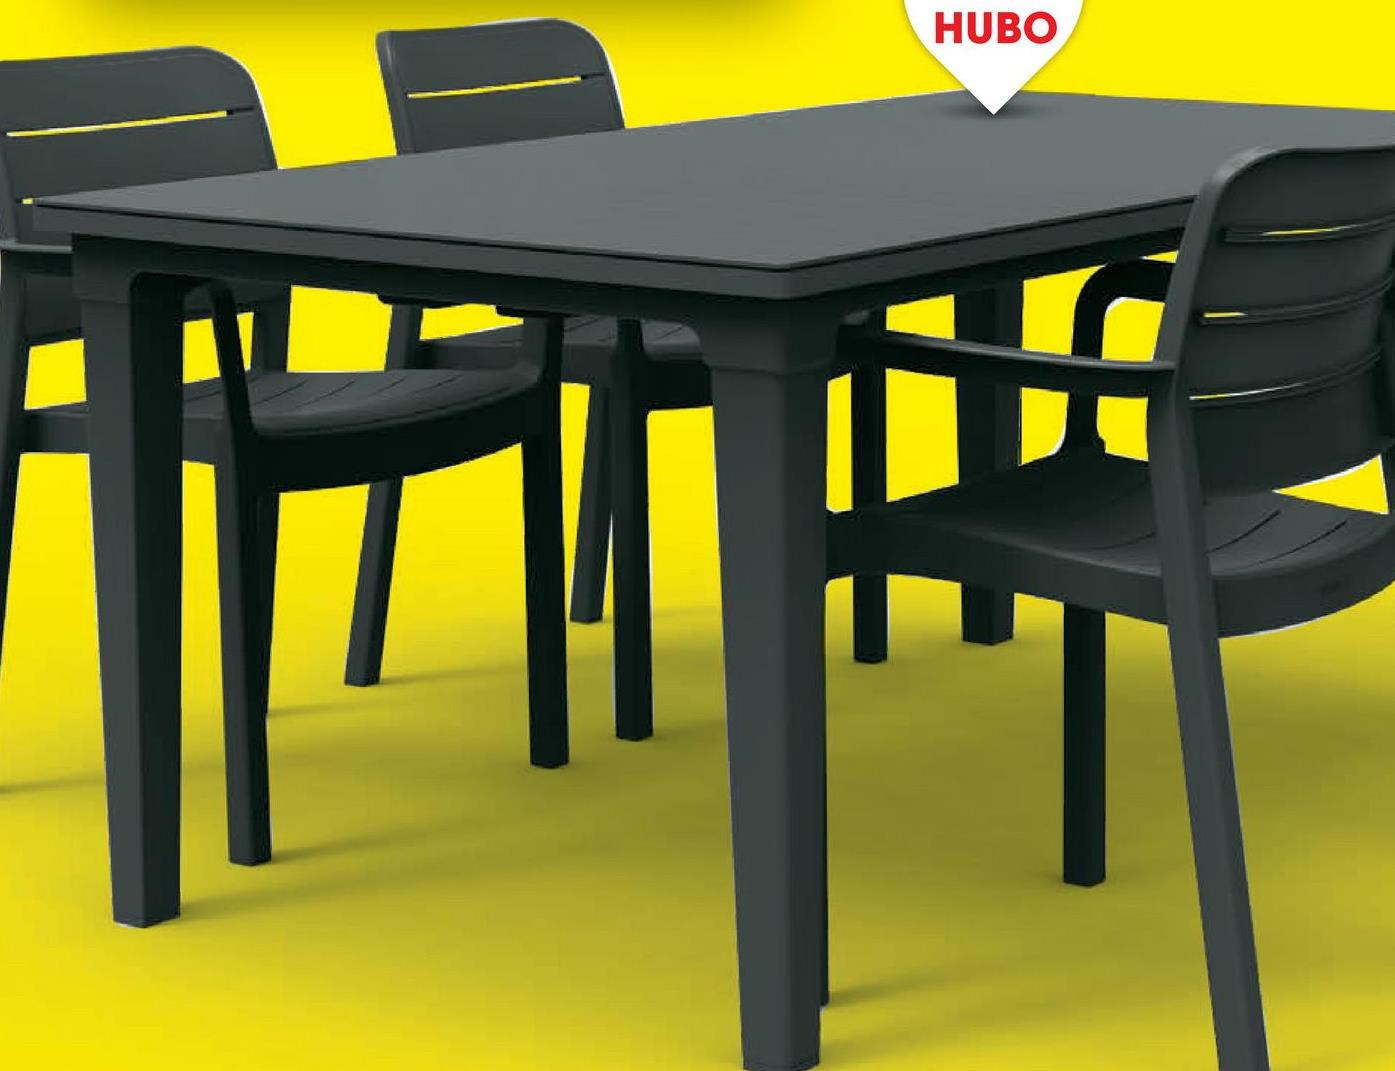 Tuintafel Futura 165x95 cm grafiet Het stijlvolle slanke ontwerp van de grafiet tafel Futura van Allibert is een aanwinst voor iedereen die lekker veel buiten wil eten. Het lattenontwerp combineert de look en feel van een houten tafel met de gebruiksvoordelen van kunststof. Deze weerbestendige tafel kan in elk seizoen buiten blijven staan.Voordelen:<ul><li>Weerbestendig</li><li>Onderhoudsvrij</li><li>Gemakkelijk te reinigen</li><li>Eenvoudige montage</li></ul>